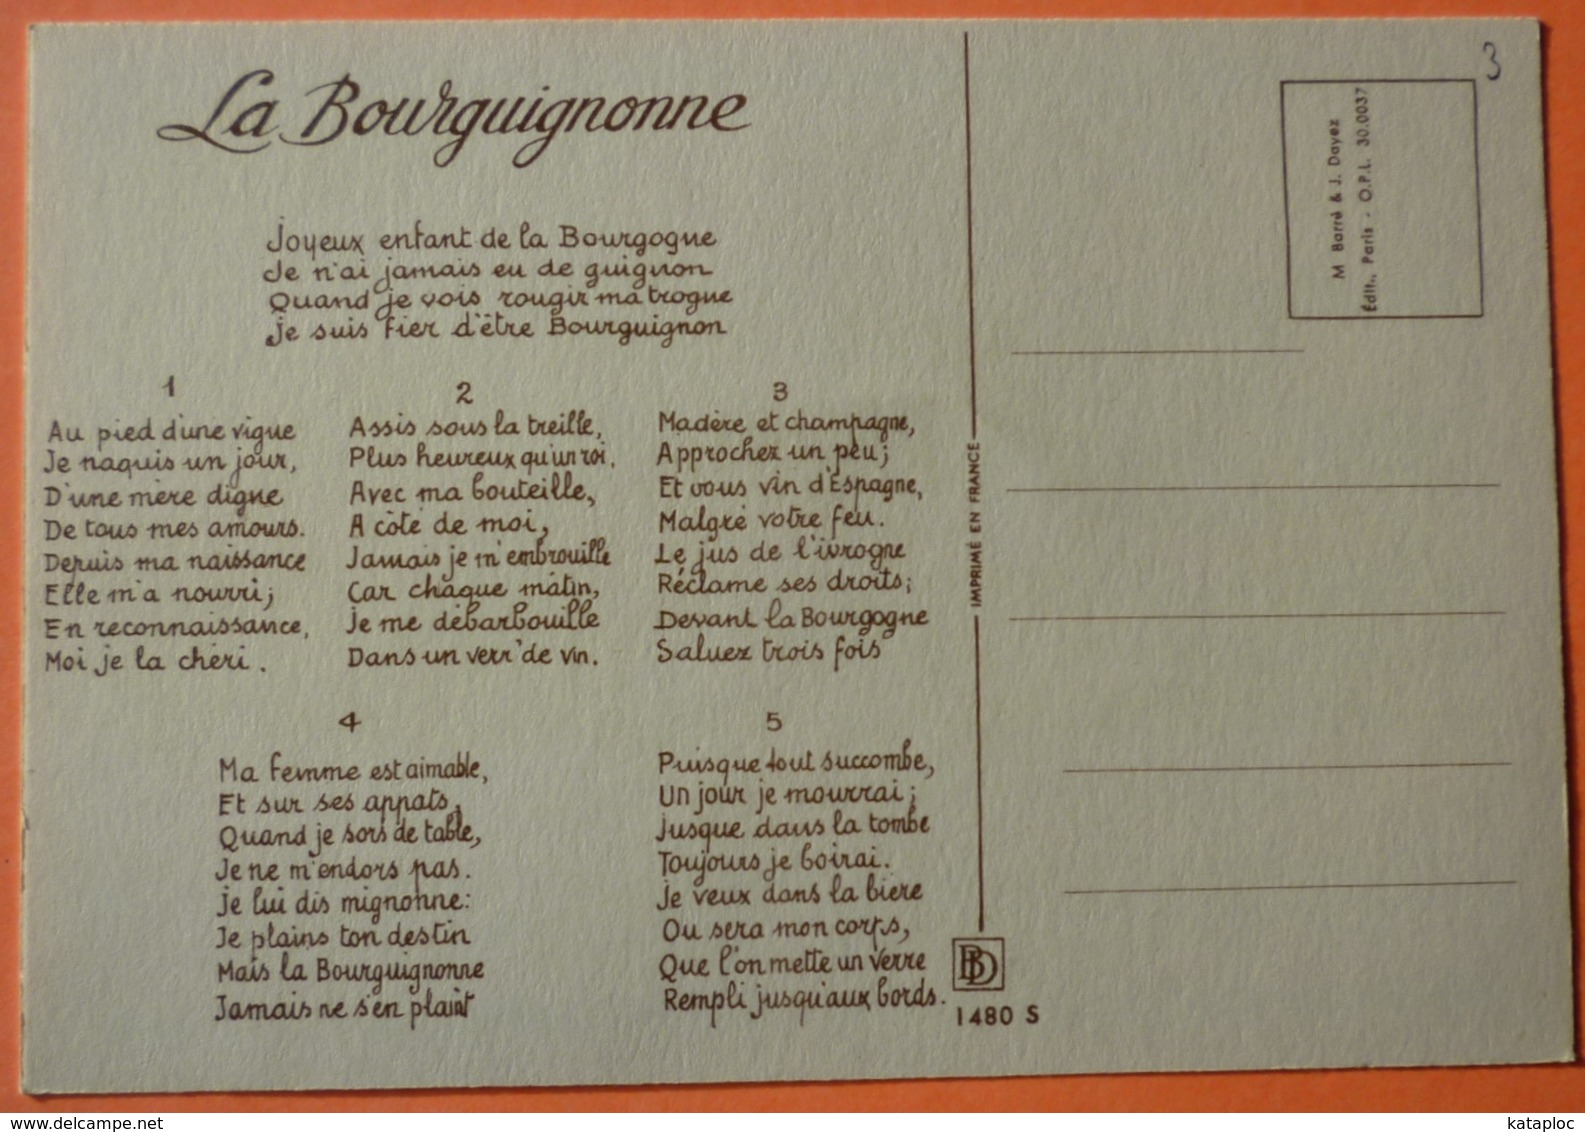 CARTE CHANSON LA BOURGUIGNONNE - JOYEUX ENFANT DE LA BOURGOGNE - SCANS RECTO VERSO - 7 - Dijon